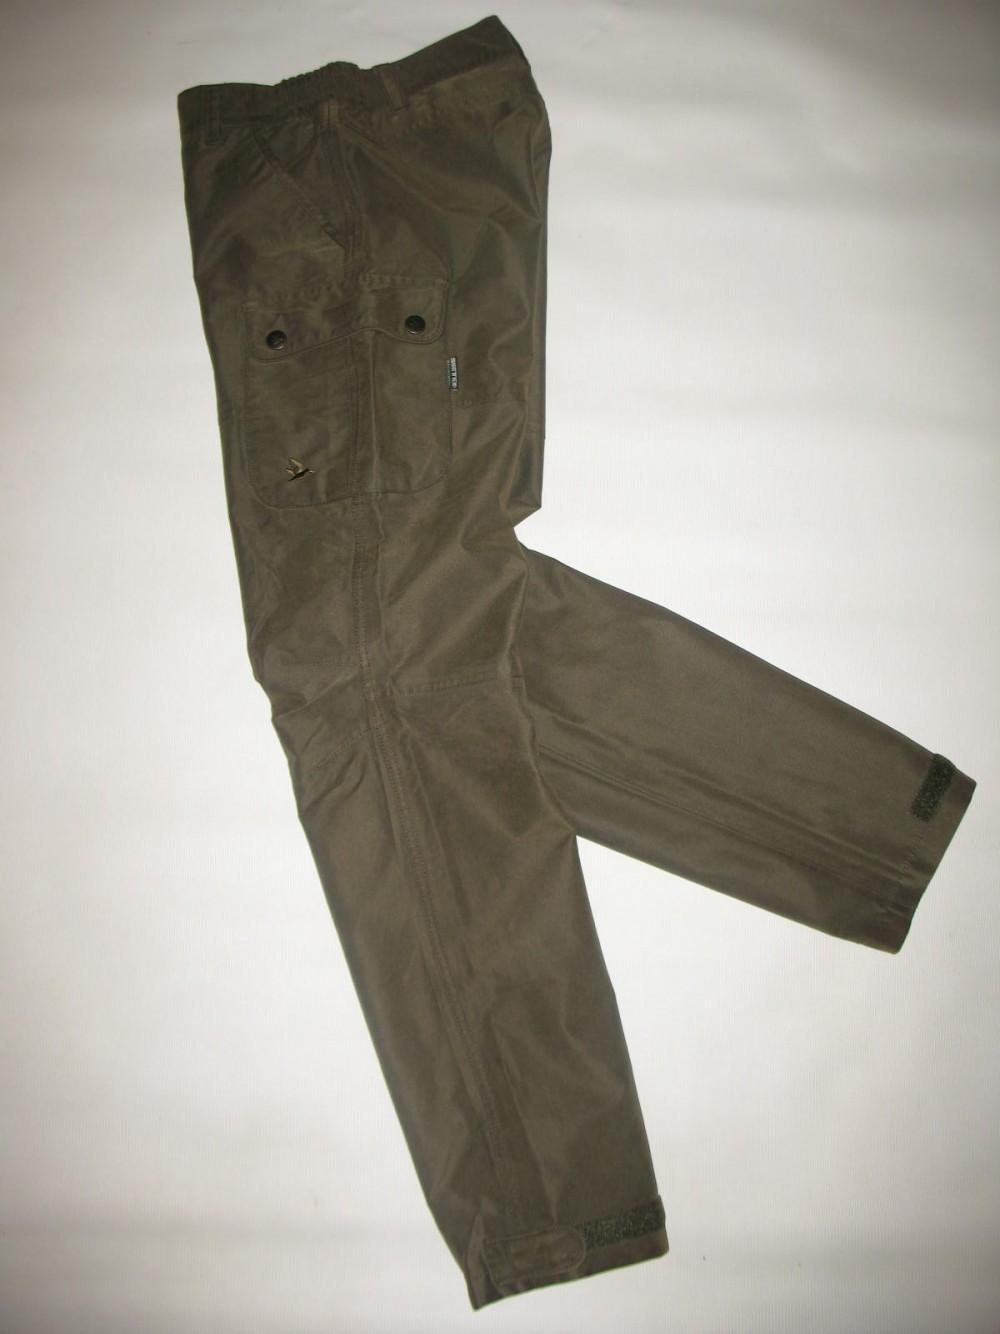 Штаны SEELAND woodcock kids pants (размер 16(взрослый S/XS) - 6